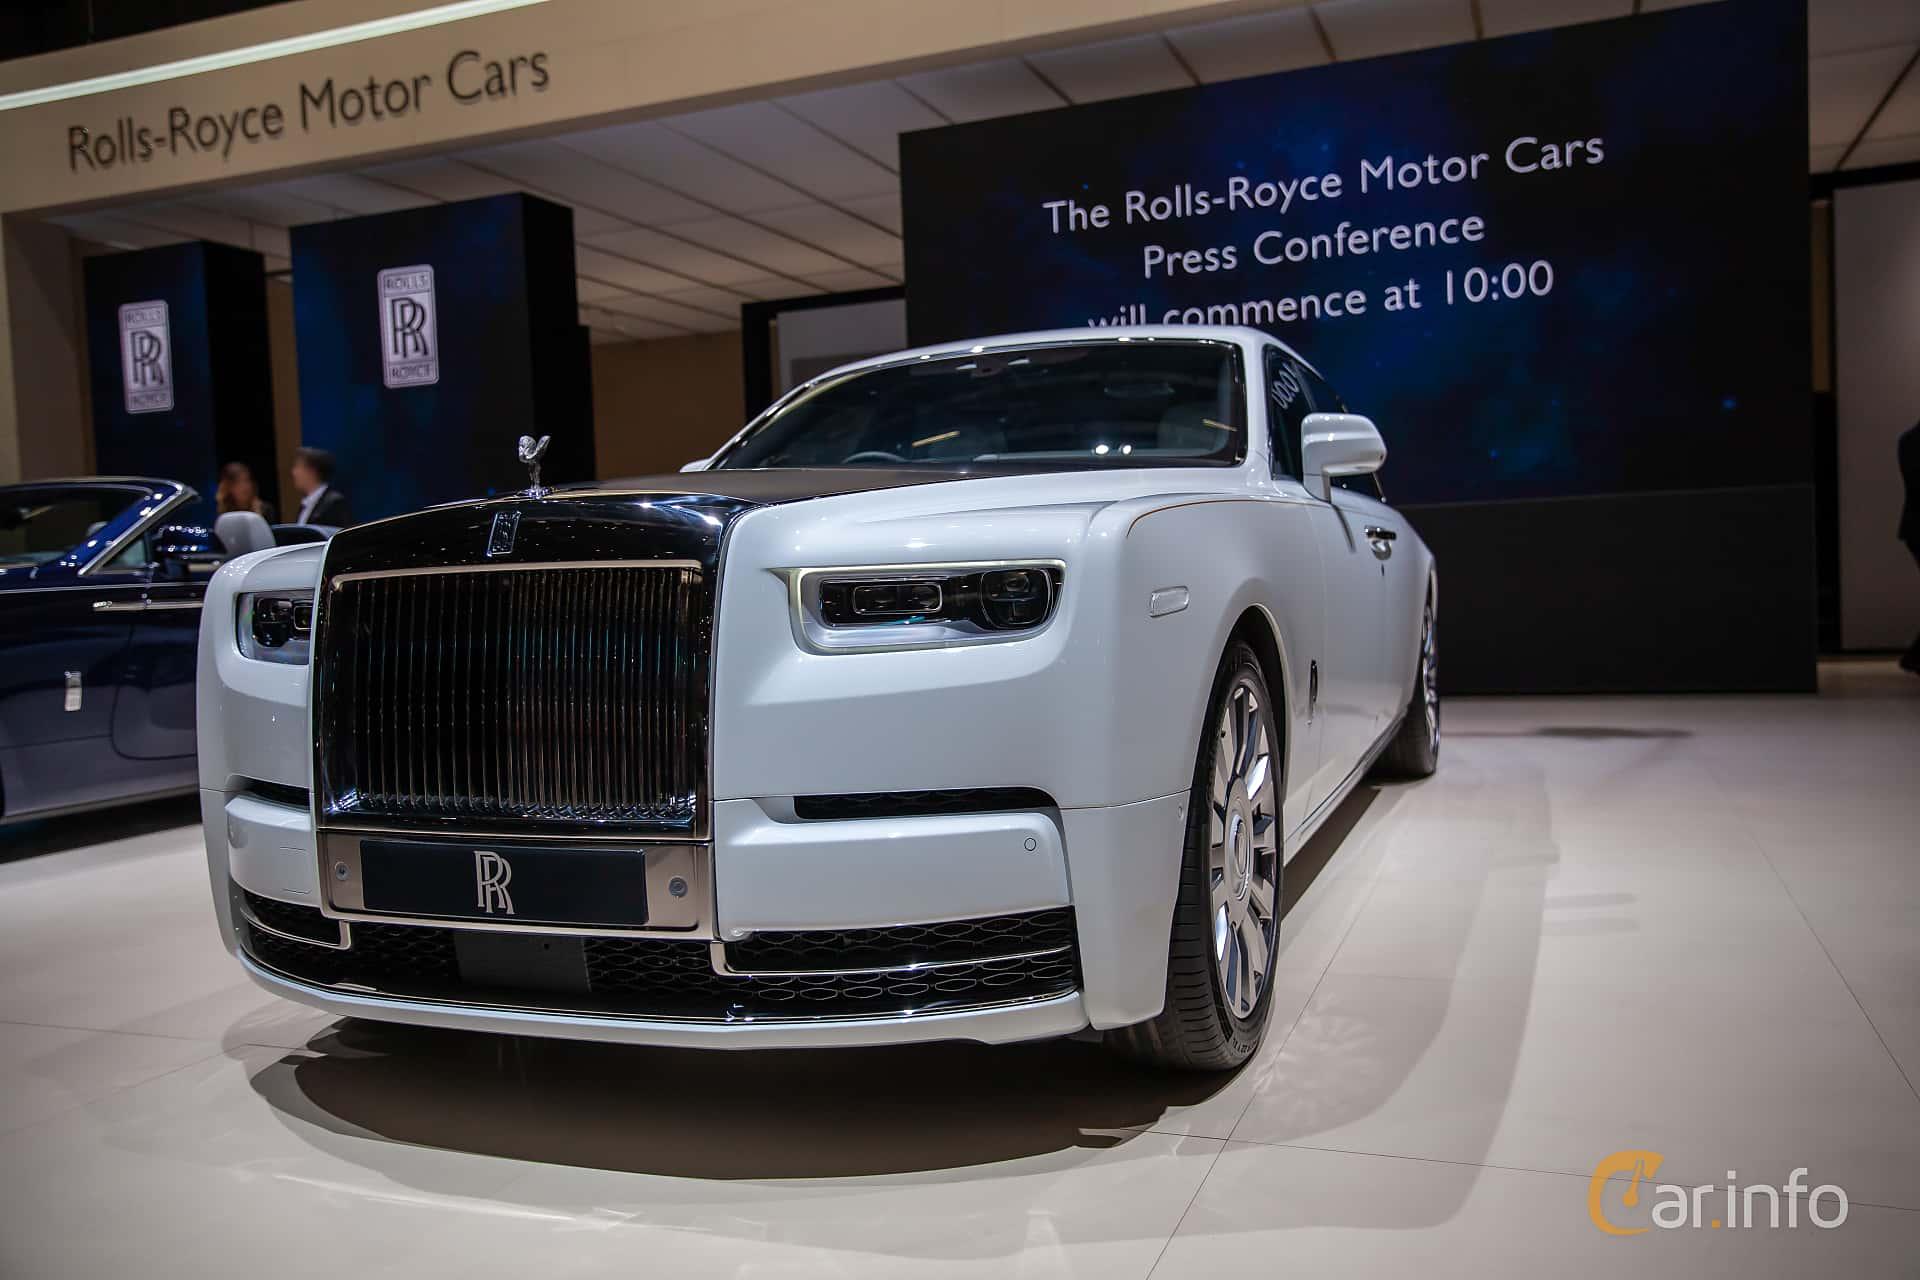 5 images of Rolls-Royce Phantom EWB 6 7 V12 Automatic, 571hp